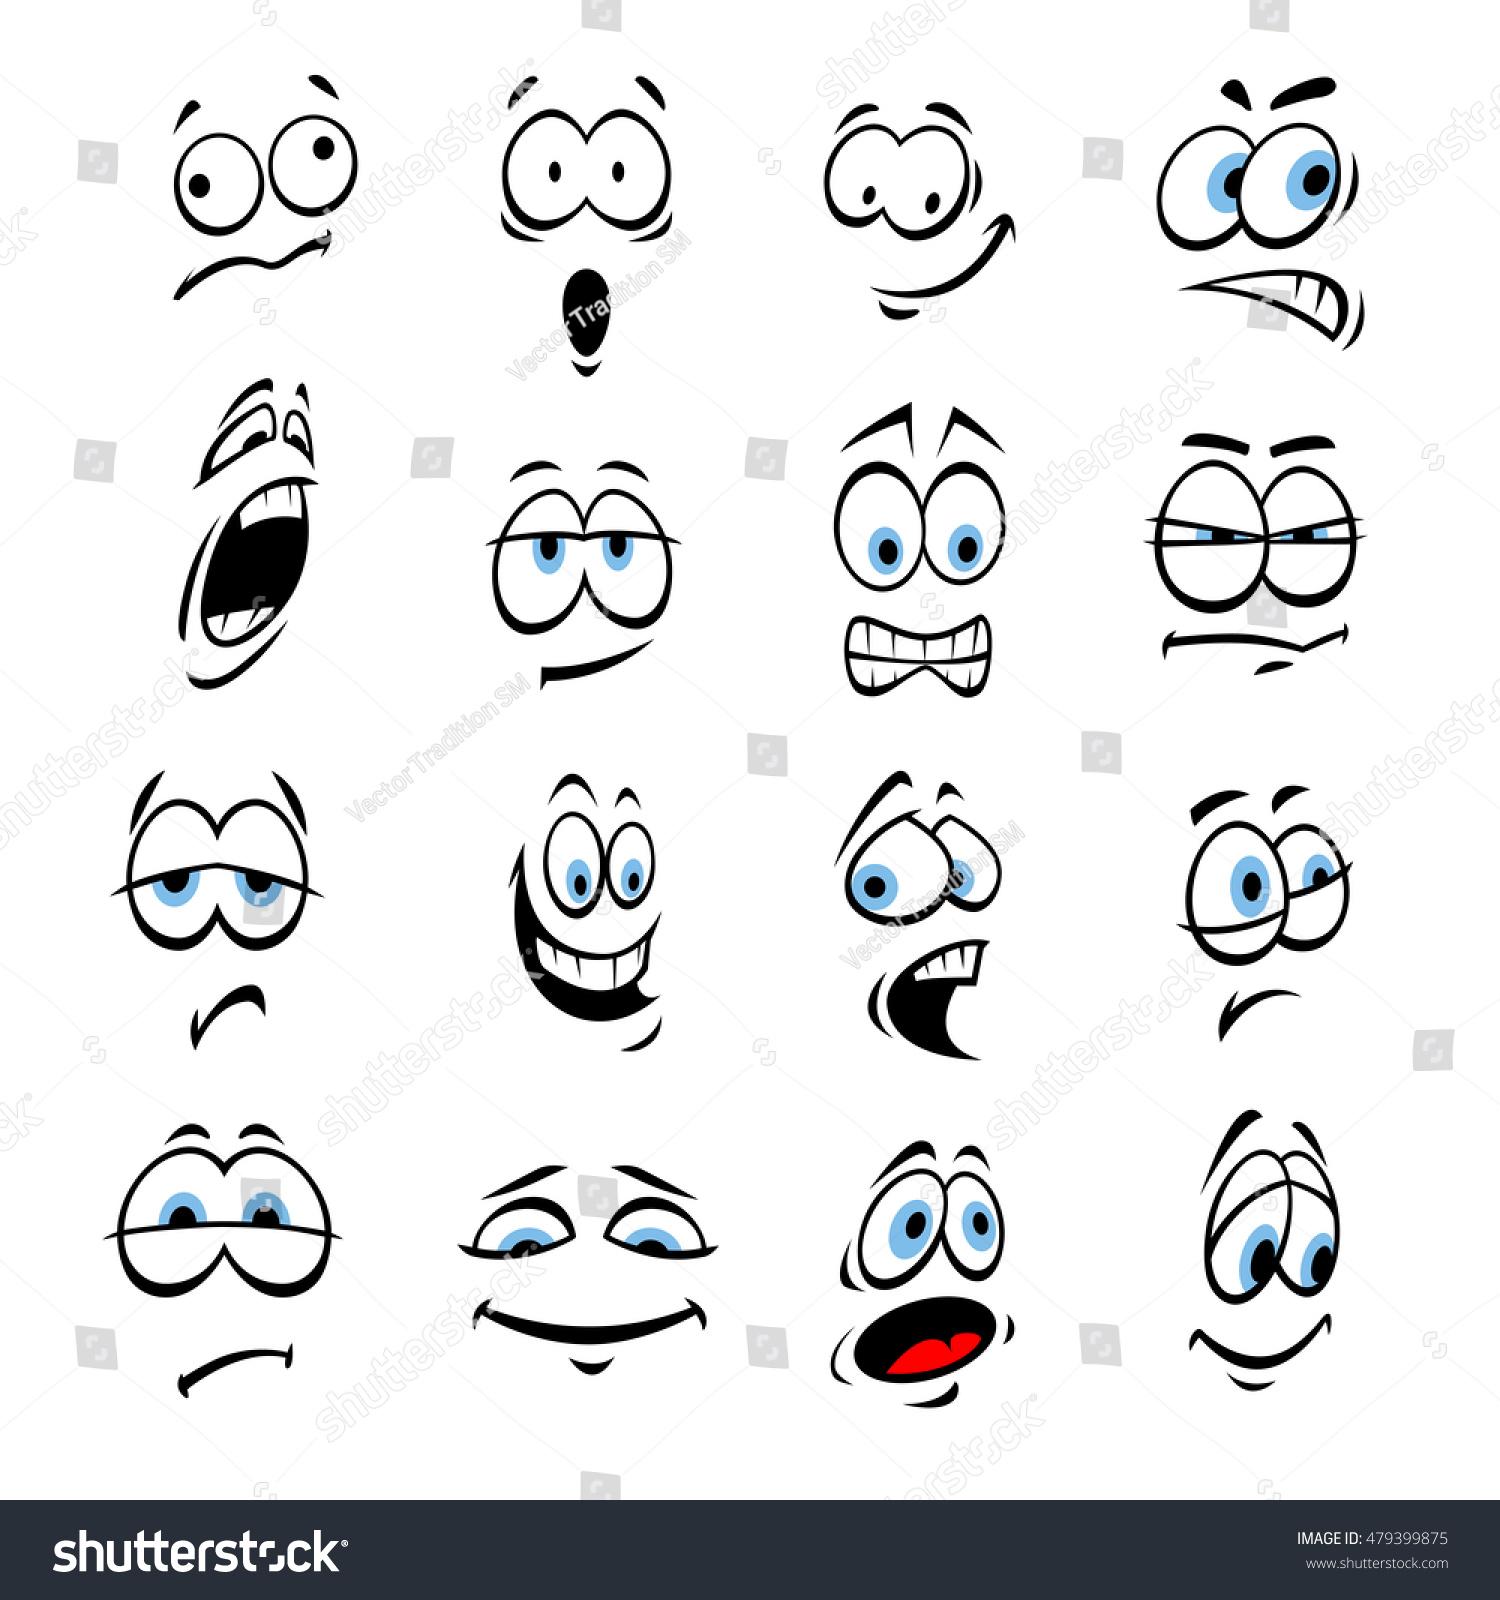 how to draw happy cartoon eyes